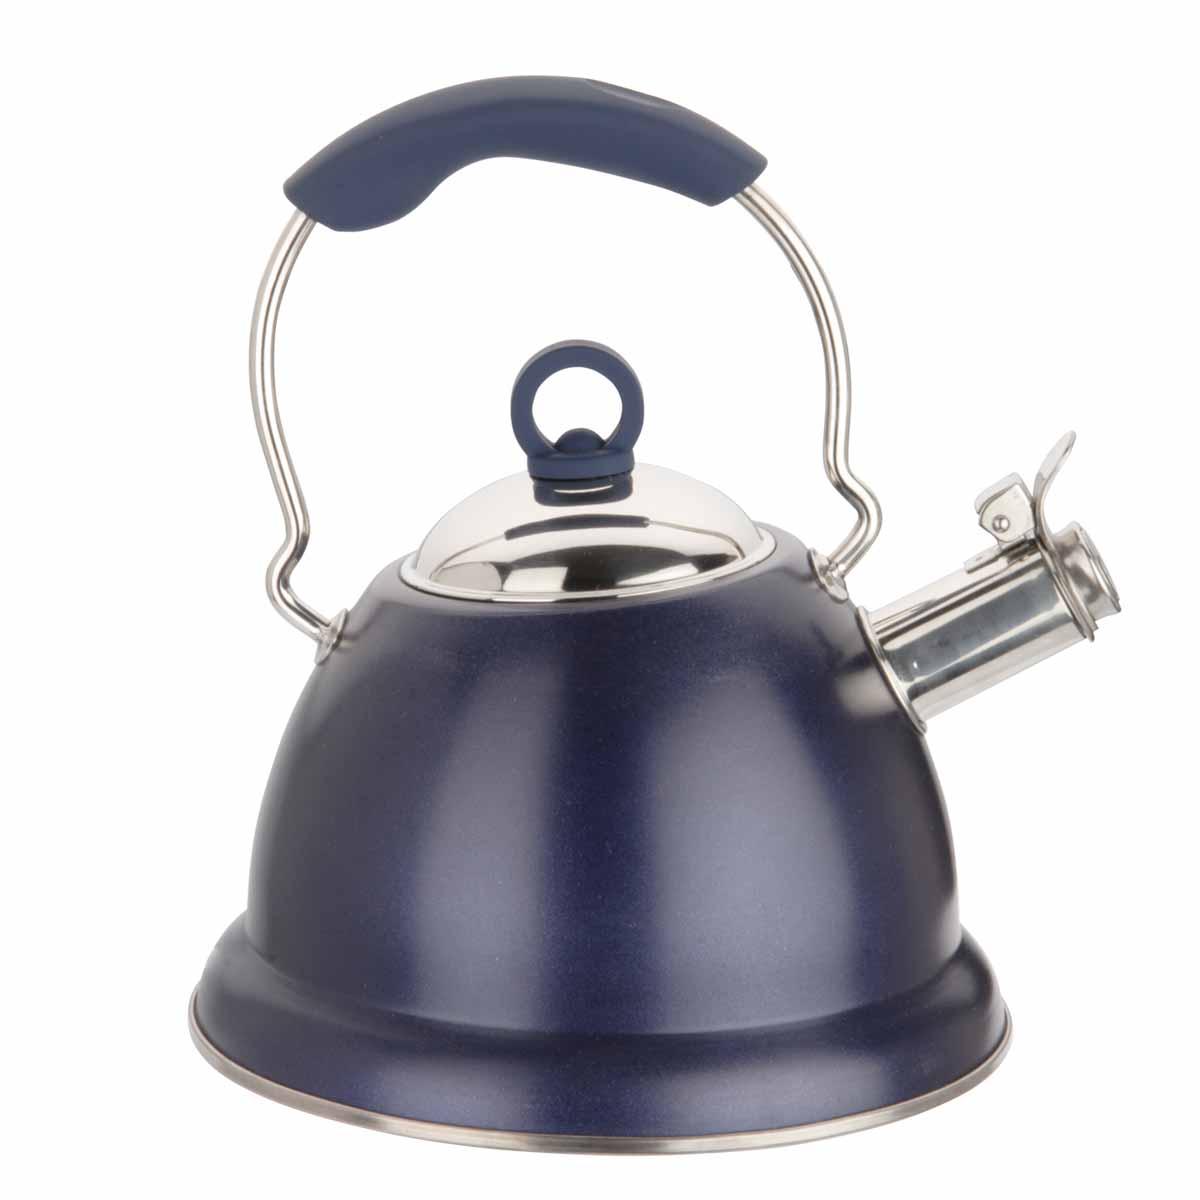 Чайник Dekok, со свистком, 3 лLS-300SЧайник Dekok изготовлен из прочной и долговечной нержавеющей стали с эмалевым покрытием. Не подвержен коррозии и окислениям. Многослойное капсульное дно и утолщенный корпус обеспечивают быстрый и равномерный нагрев и надолго сохраняют вскипяченную воду горячей. Силиконовая термоизоляционная ручка Soft Touch делает использование чайника очень удобным и безопасным. Носик чайника имеет насадку-свисток, что позволит вам контролировать процесс подогрева или кипячения воды. Встроенный фильтр защитит наливаемую воду от накипи. Выполненный из качественных материалов чайник Dekok при кипячении сохраняет все полезные свойства воды. Чайник пригоден для газовых, электрических, стеклокерамических и индукционных плит. Можно мыть в посудомоечной машине.Высота чайника (без учета крышки и ручки): 14,5 см.Высота чайника (с учетом крышки и ручки): 28 см.Диаметр основания: 22,5 см. Диаметр (по верхнему краю): 9,5 см.